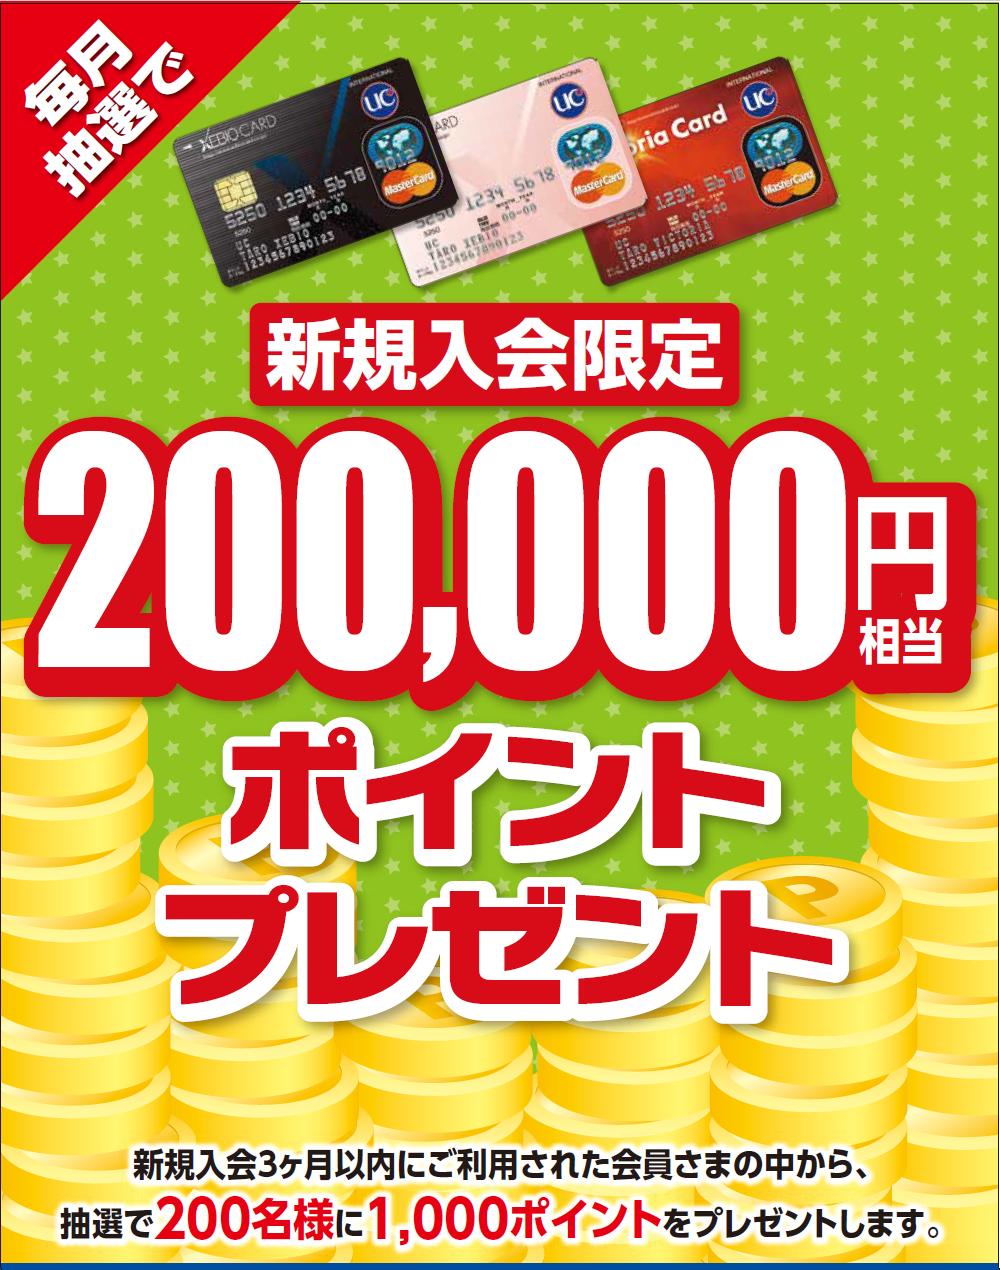 毎月抽選で200,000ポイントプレゼント!【ゼビオカード】新規作成!